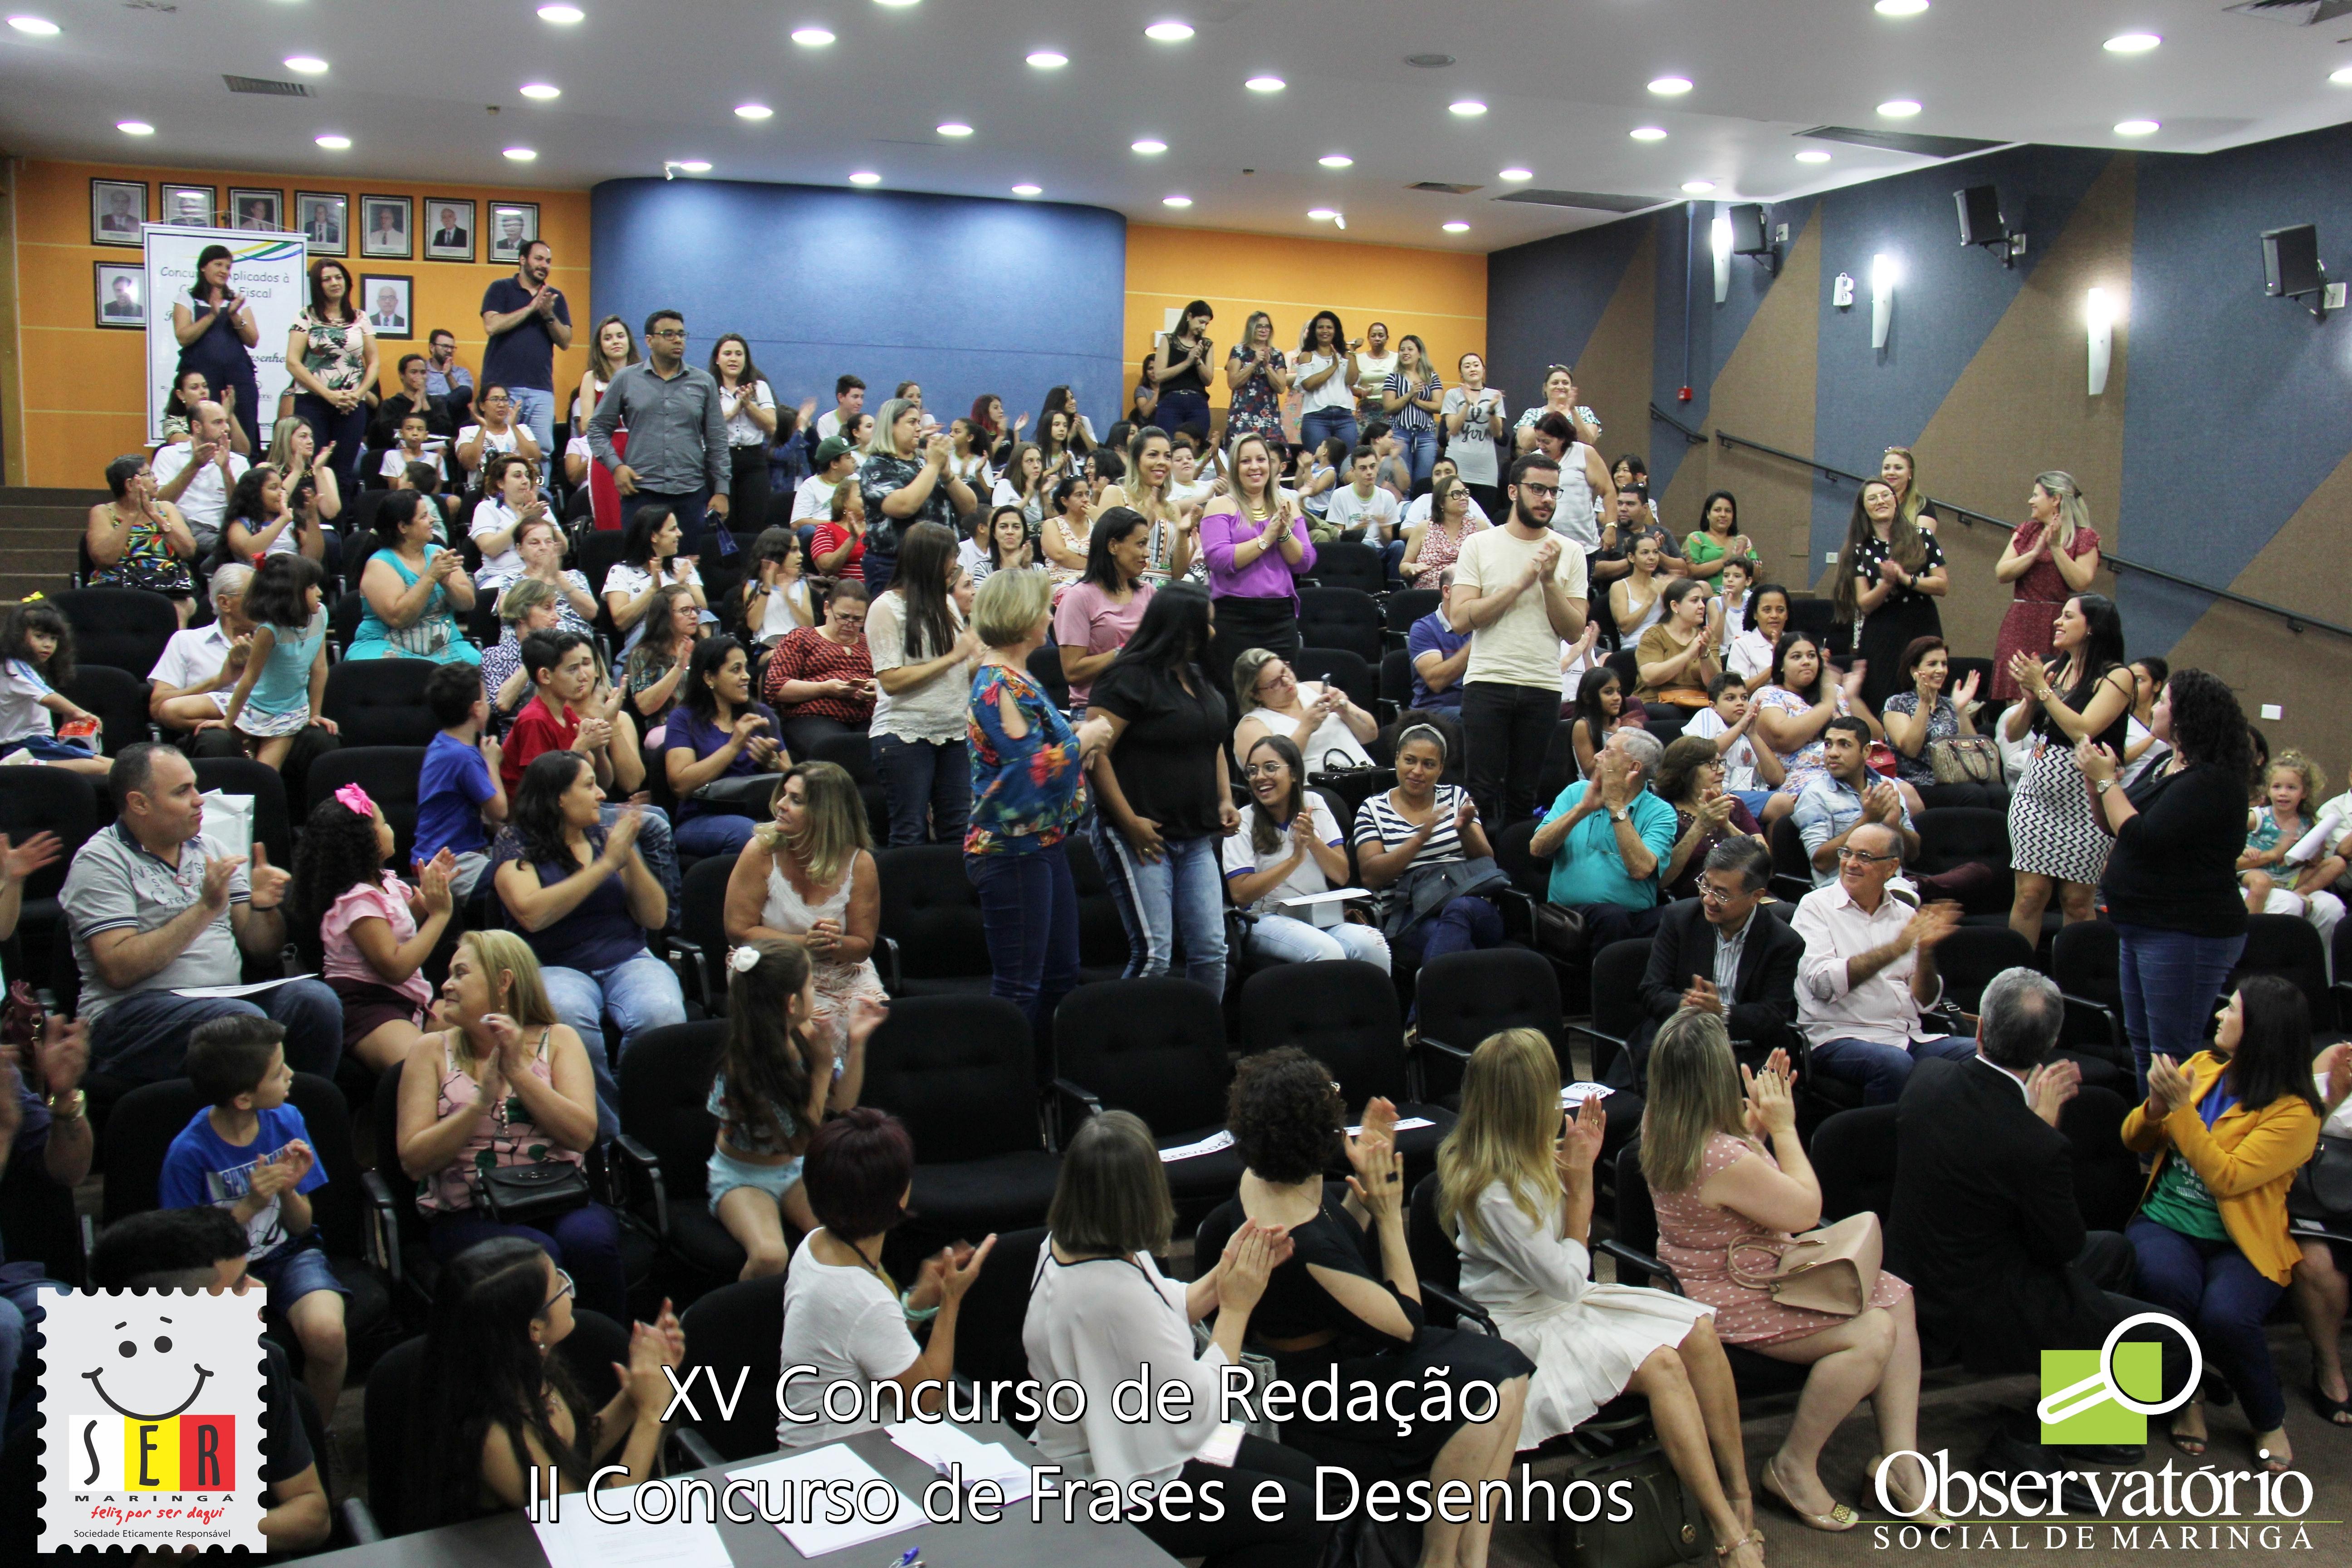 Premiação Do XV Concurso De Redação E II Concurso De Frases E Desenhos